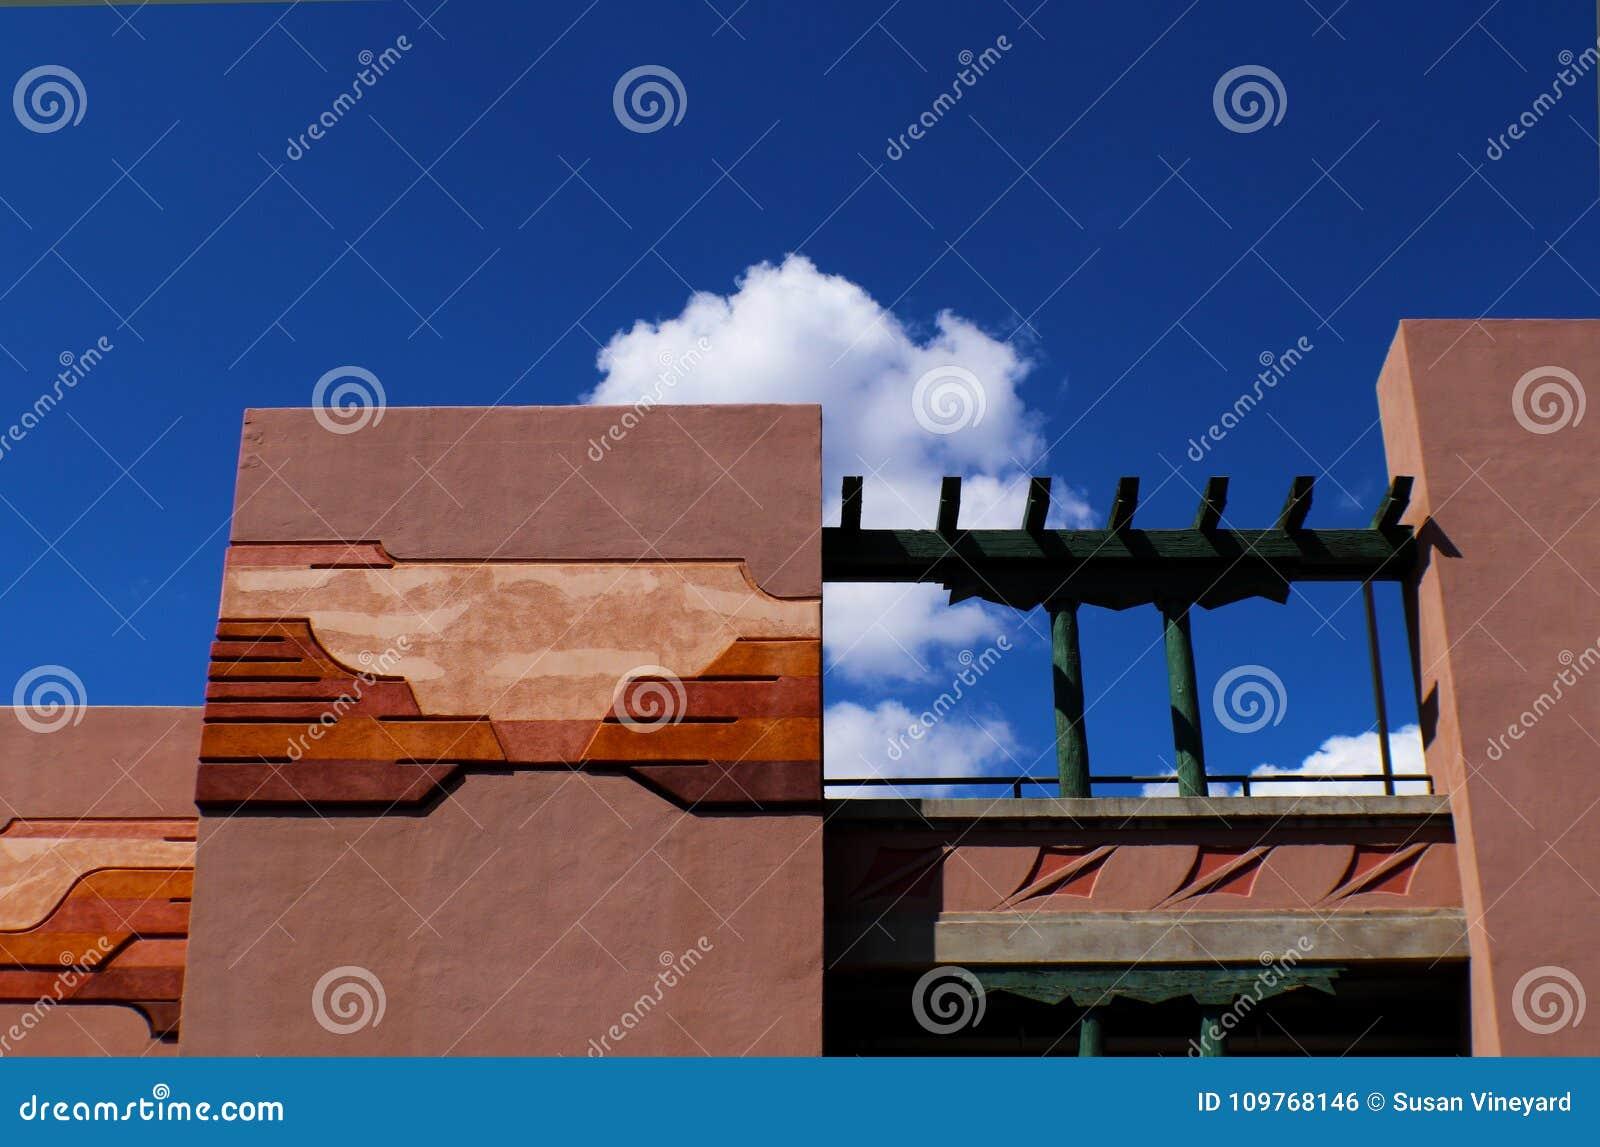 Arkitektur med sydvästlig design i stuckatur mot blå himmel med moln, Santa Fe som är ny - Mexiko